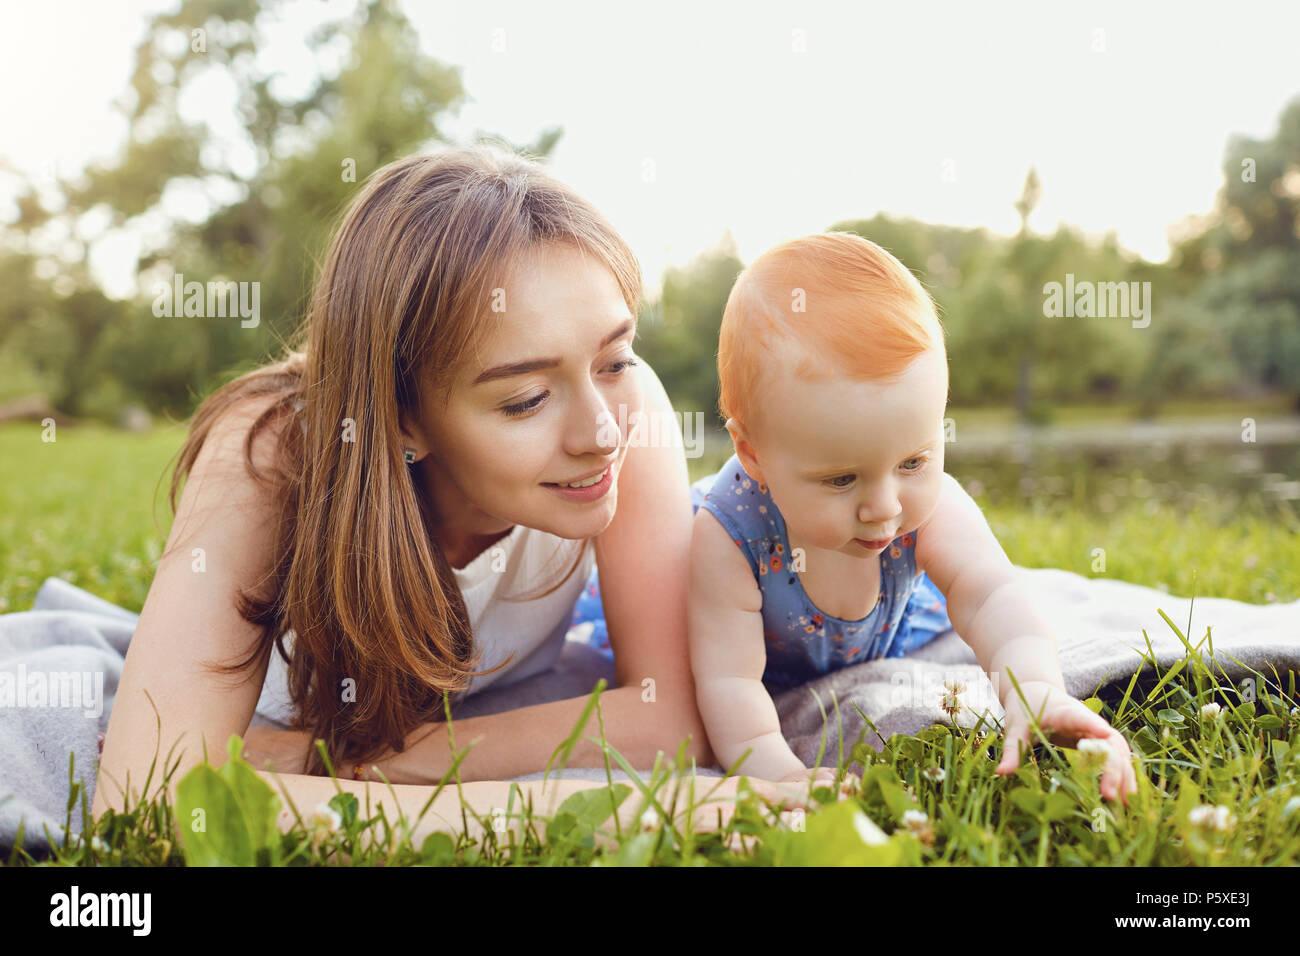 Mutter und Baby spielt auf Gras im Park. Stockbild